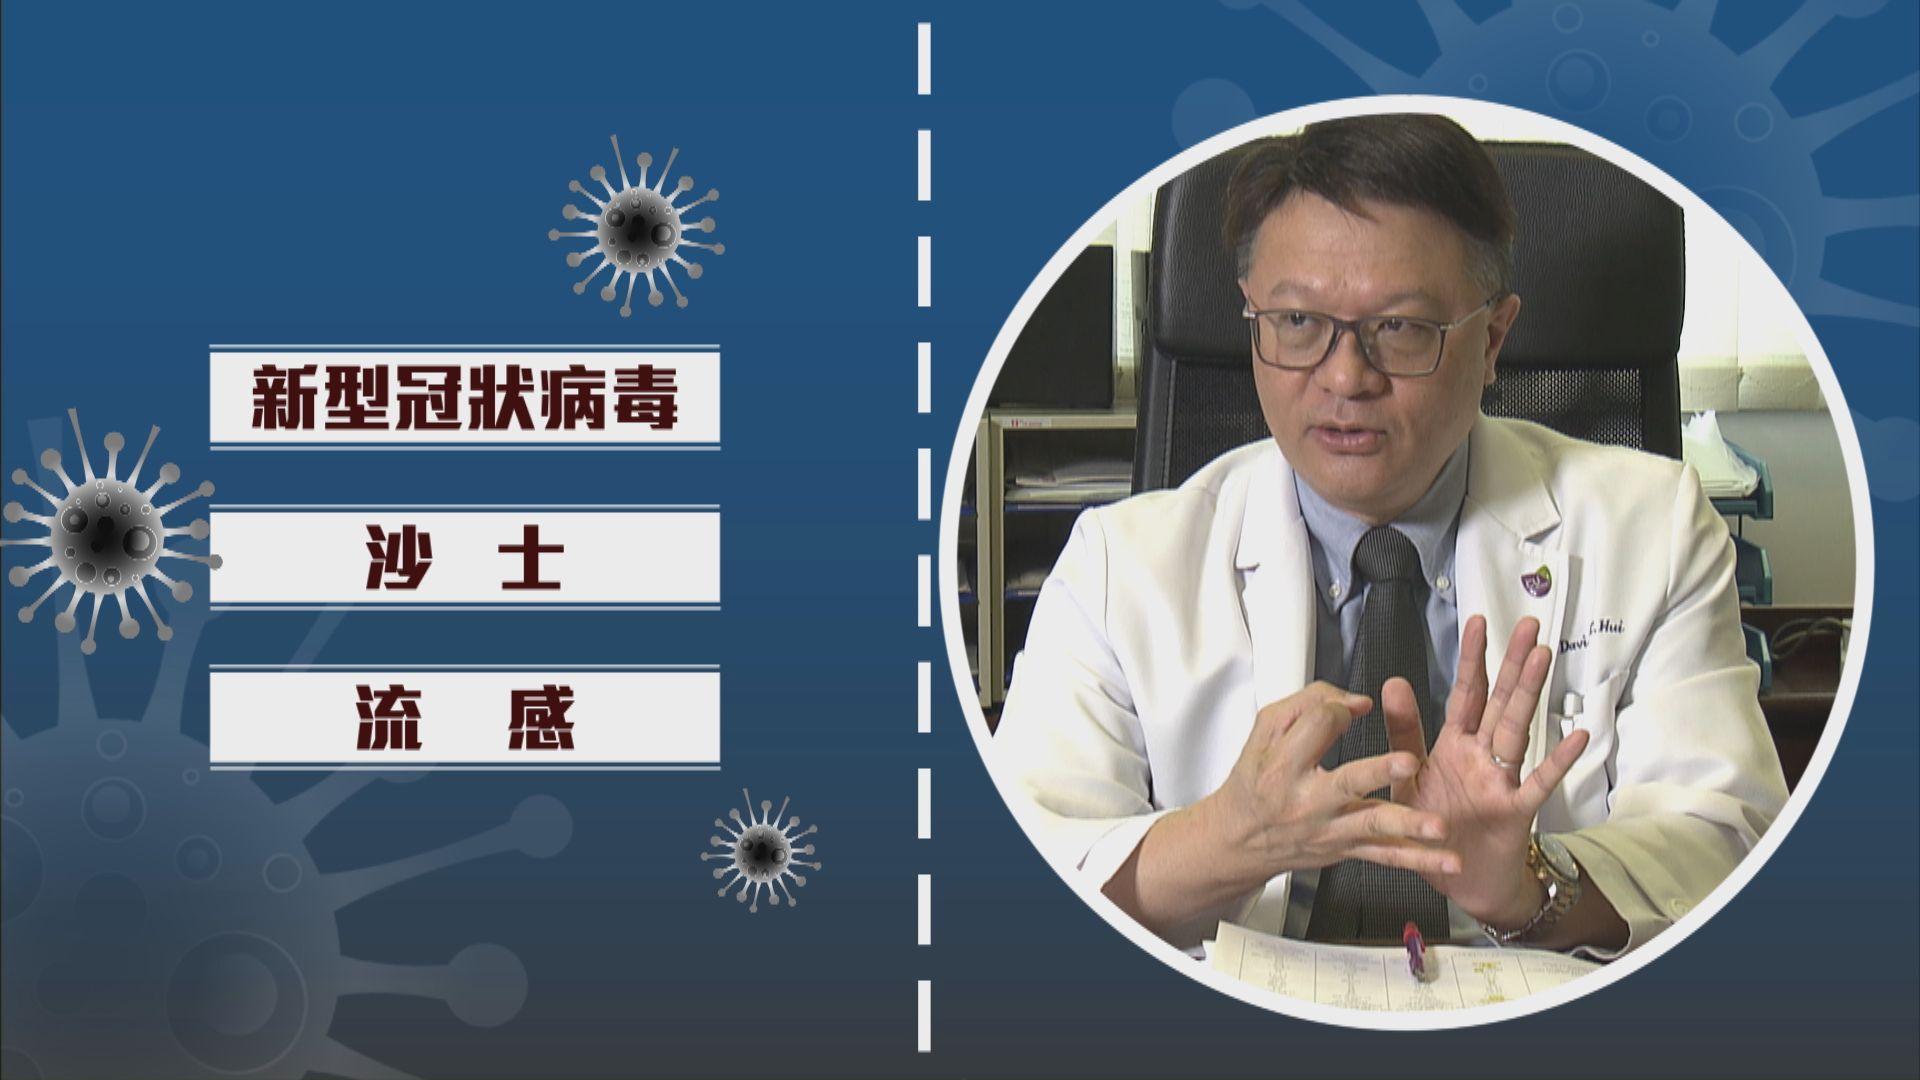 【專家話你知】新型冠狀病毒、沙士、流感有何分別?